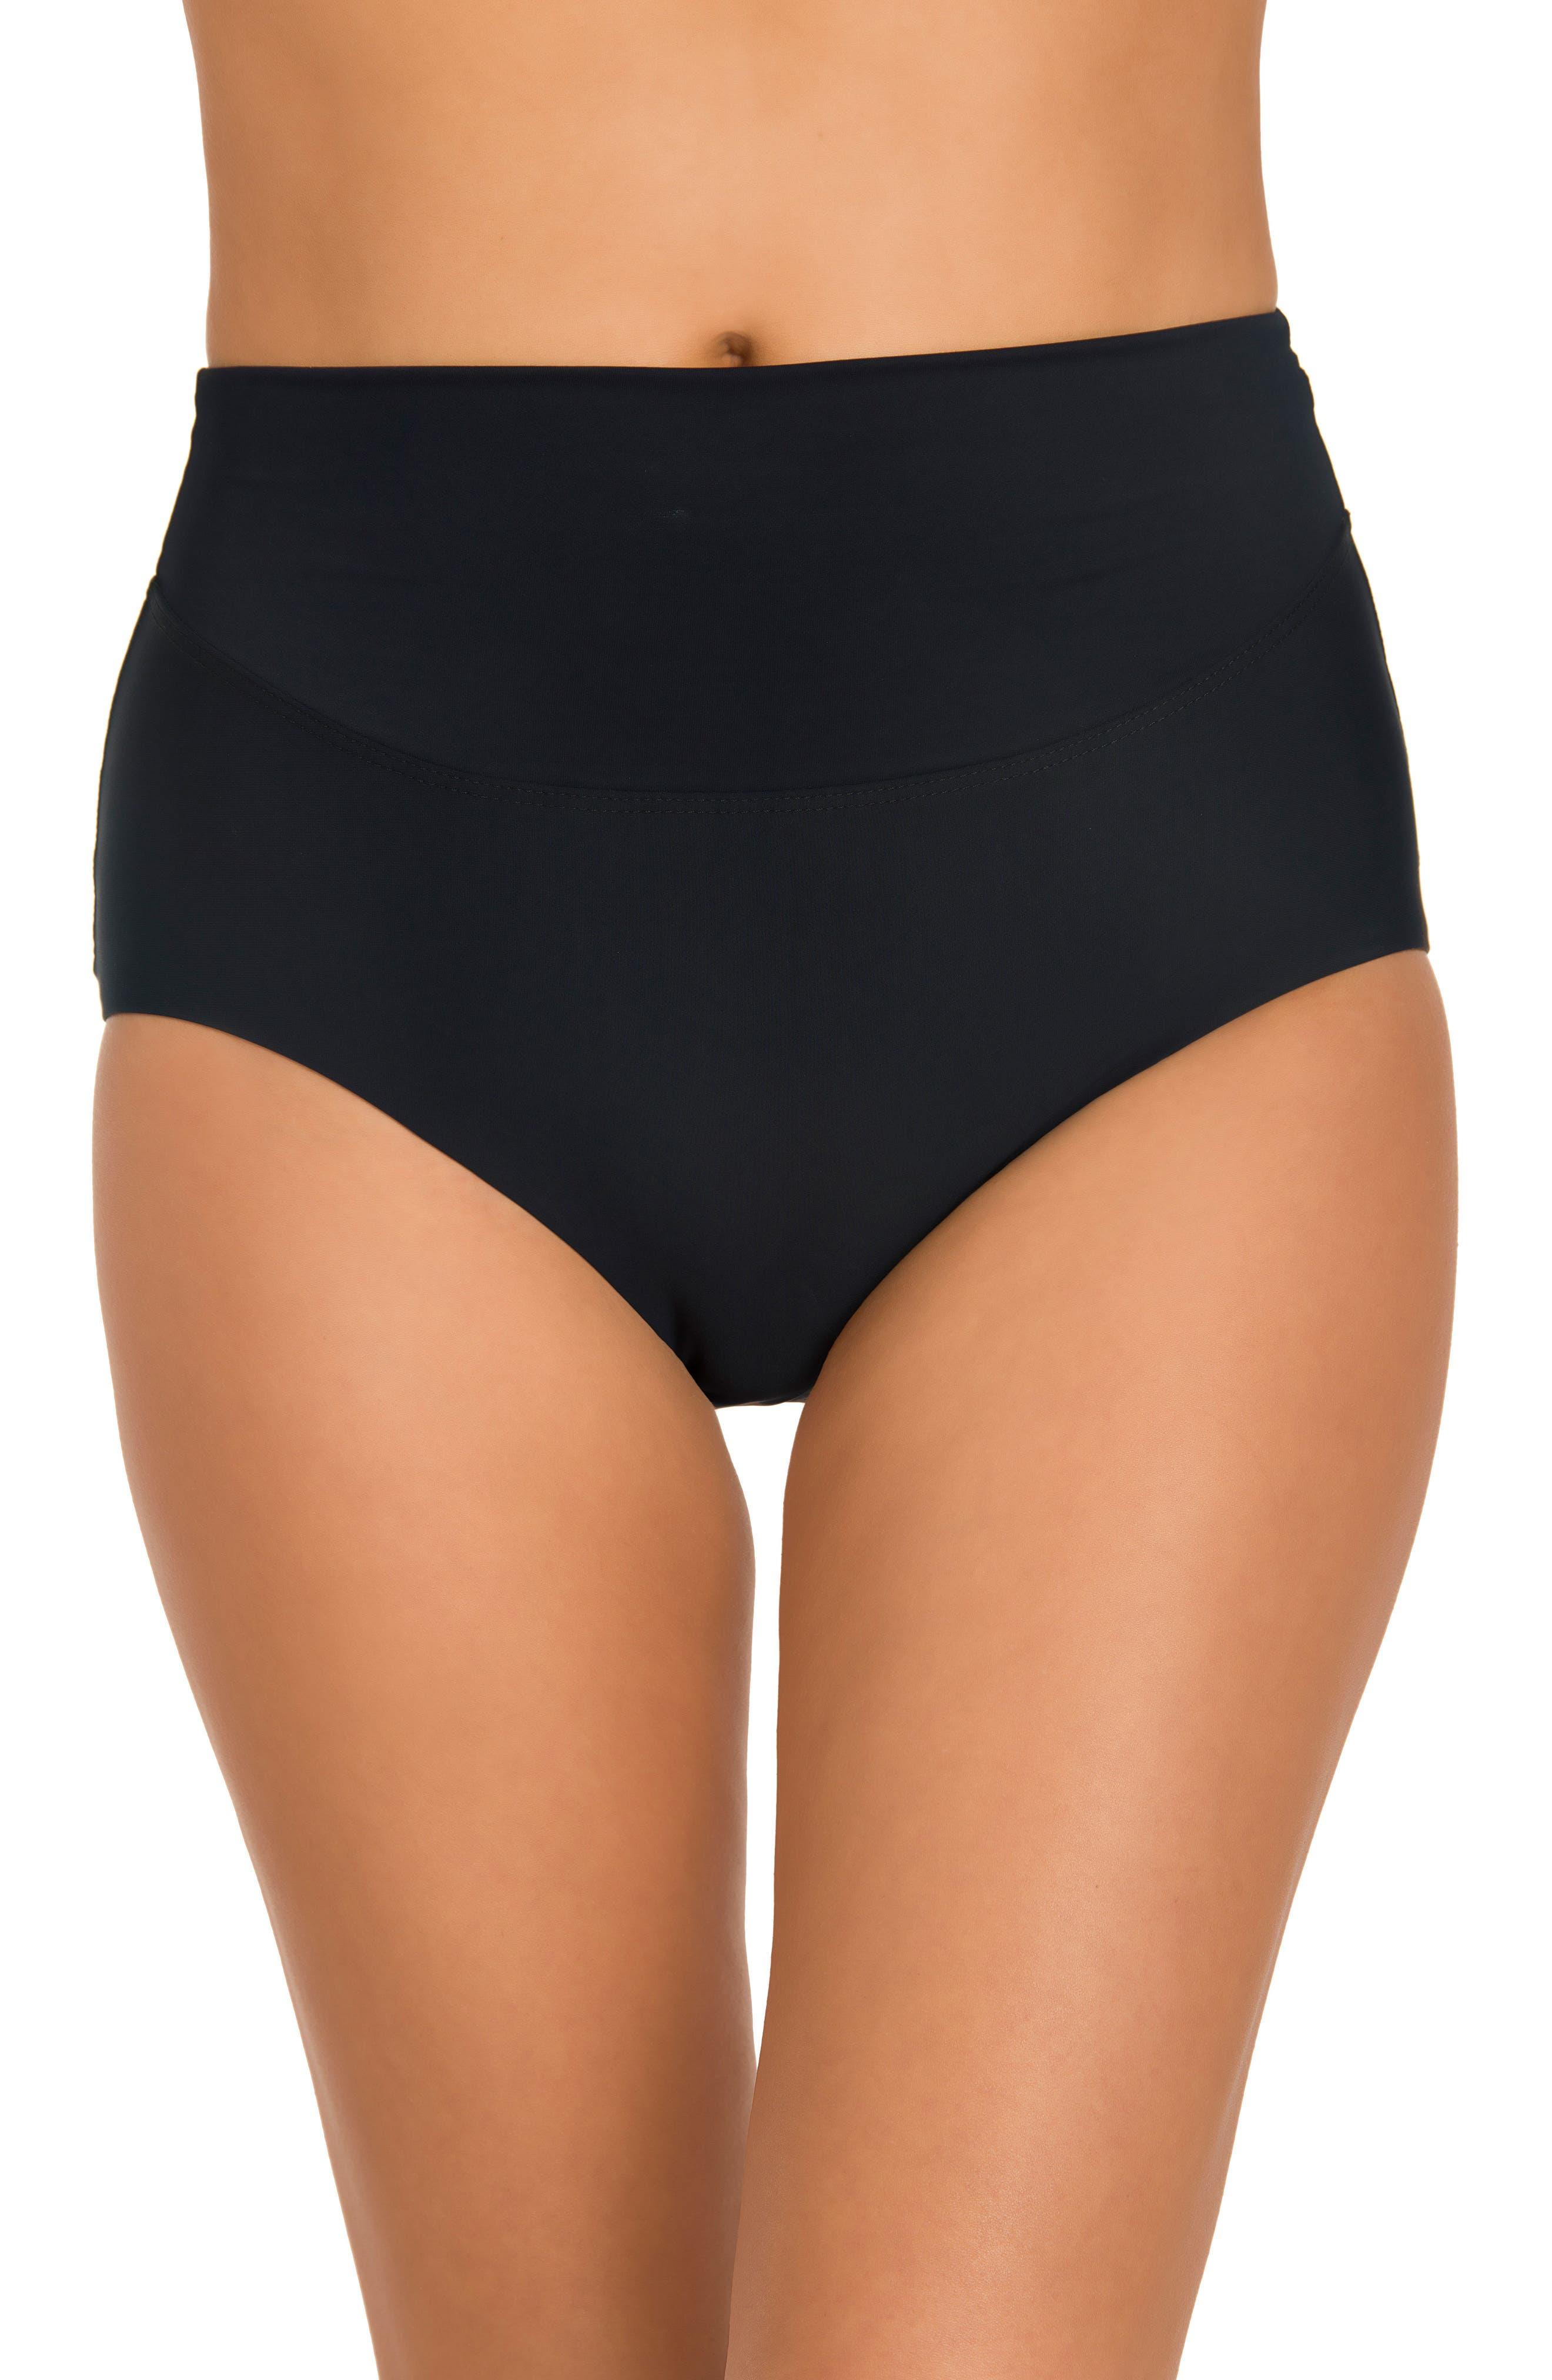 Amoressa Martini High Waist Bikini Bottoms